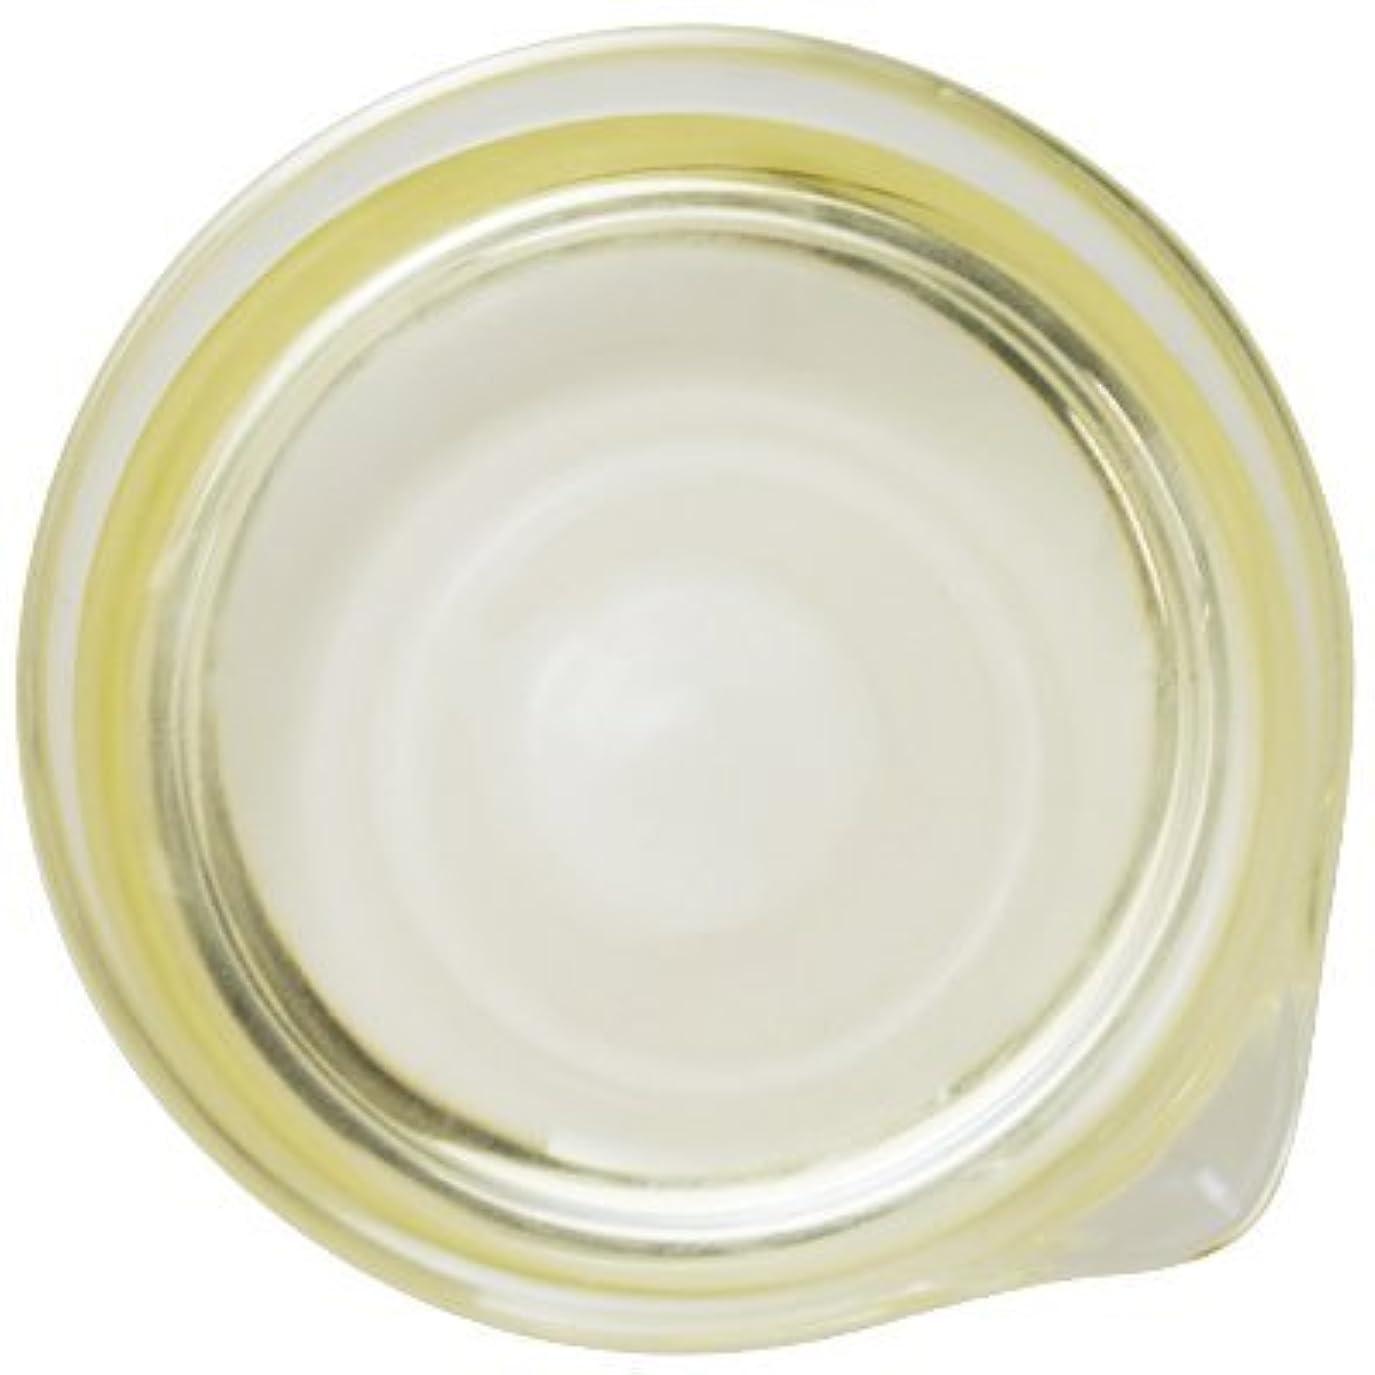 摂動有限引退したセサミオイル 500ml [白ごま油]【手作り石鹸/手作りコスメ/ごま油】【birth】